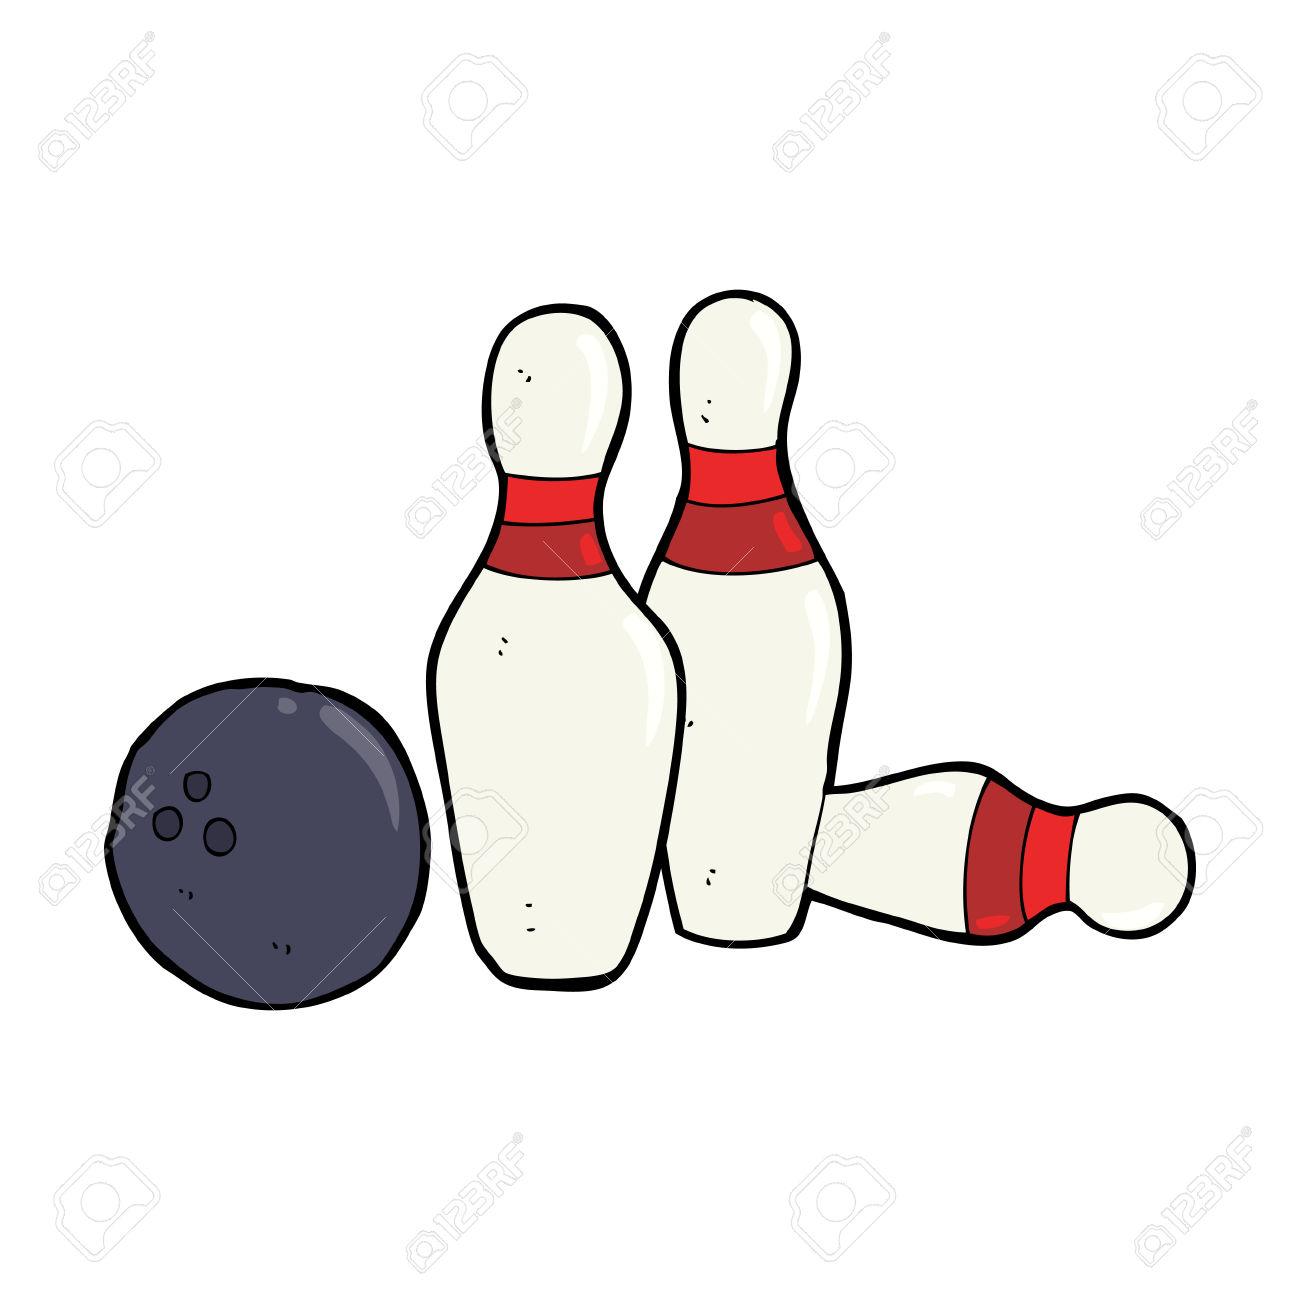 Cartoon Bowling Ball And Skittles Royalty Free Cliparts, Vectors.